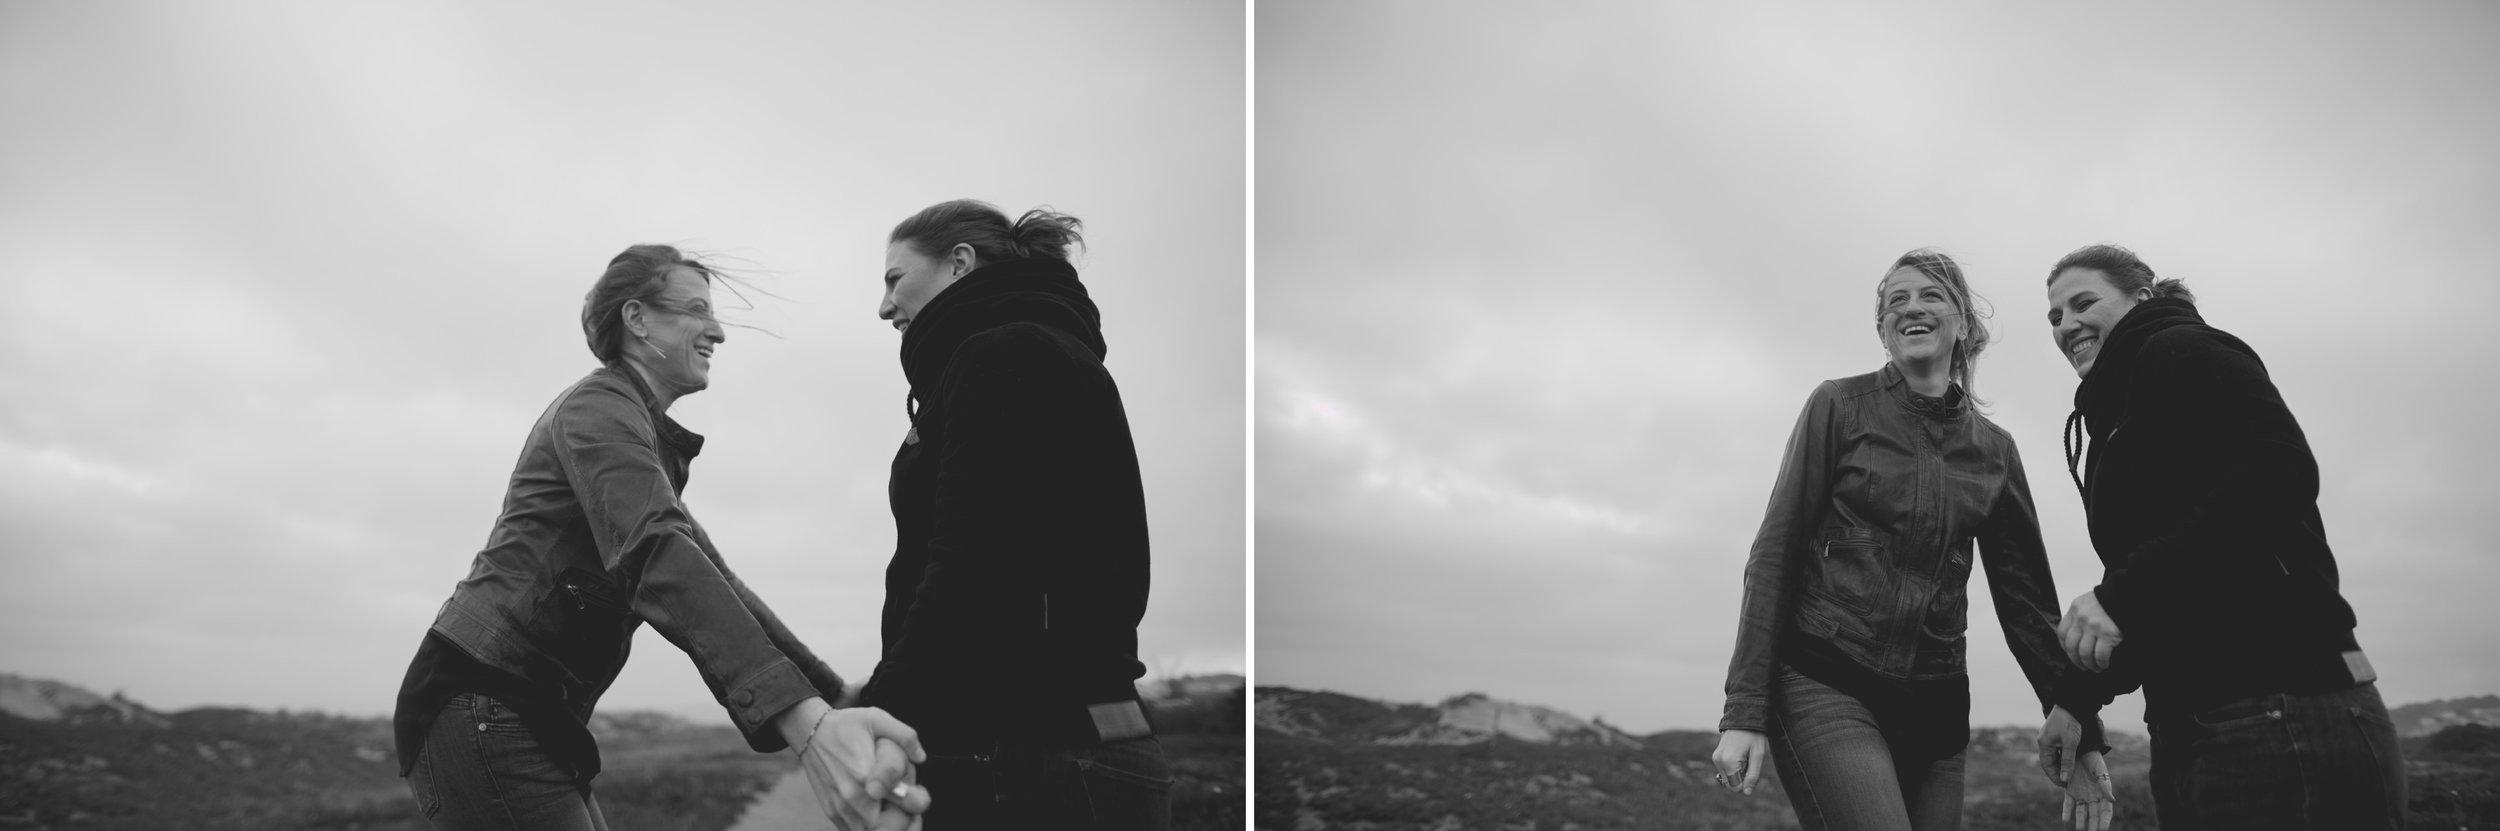 amanda_vanvels_kate_dede_outer_sunset_engagement__0068.jpg